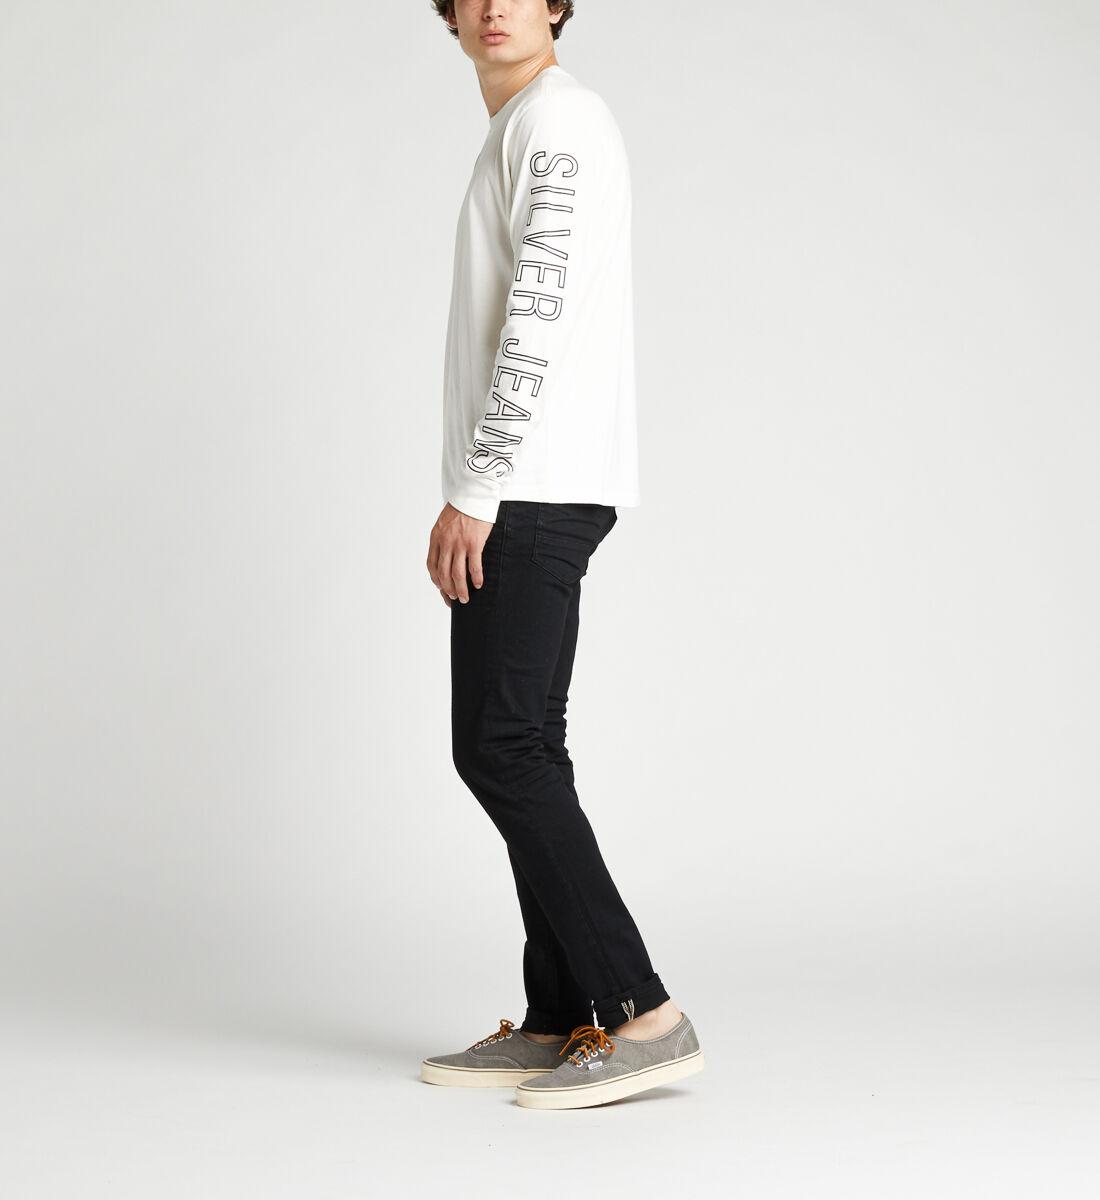 Chandler,White Alt Image 1